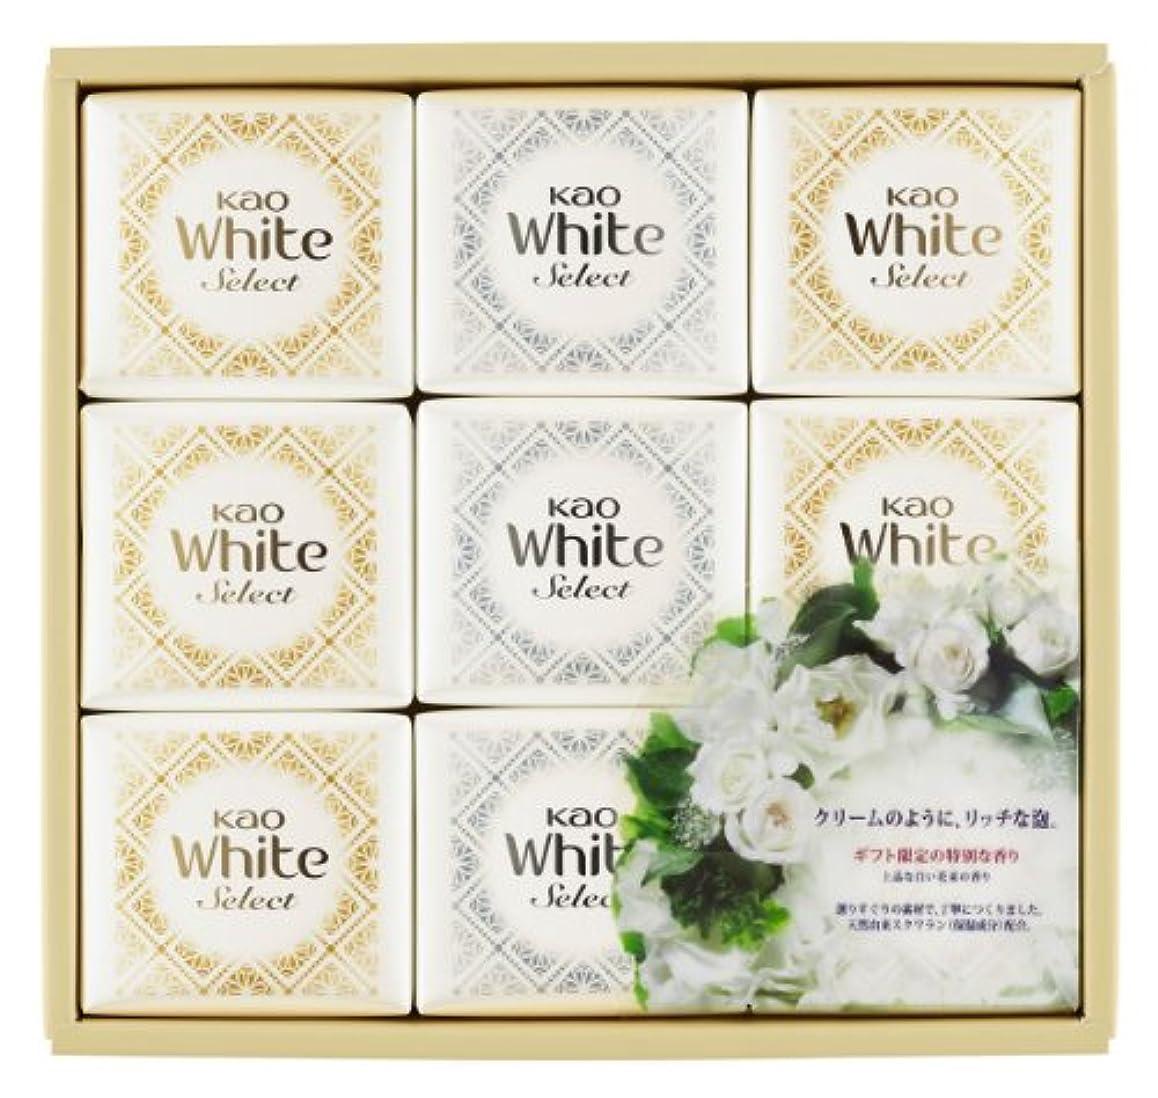 酔った狼良心花王ホワイト セレクト 上品な白い花束の香り 85g 9コ K?WS-15